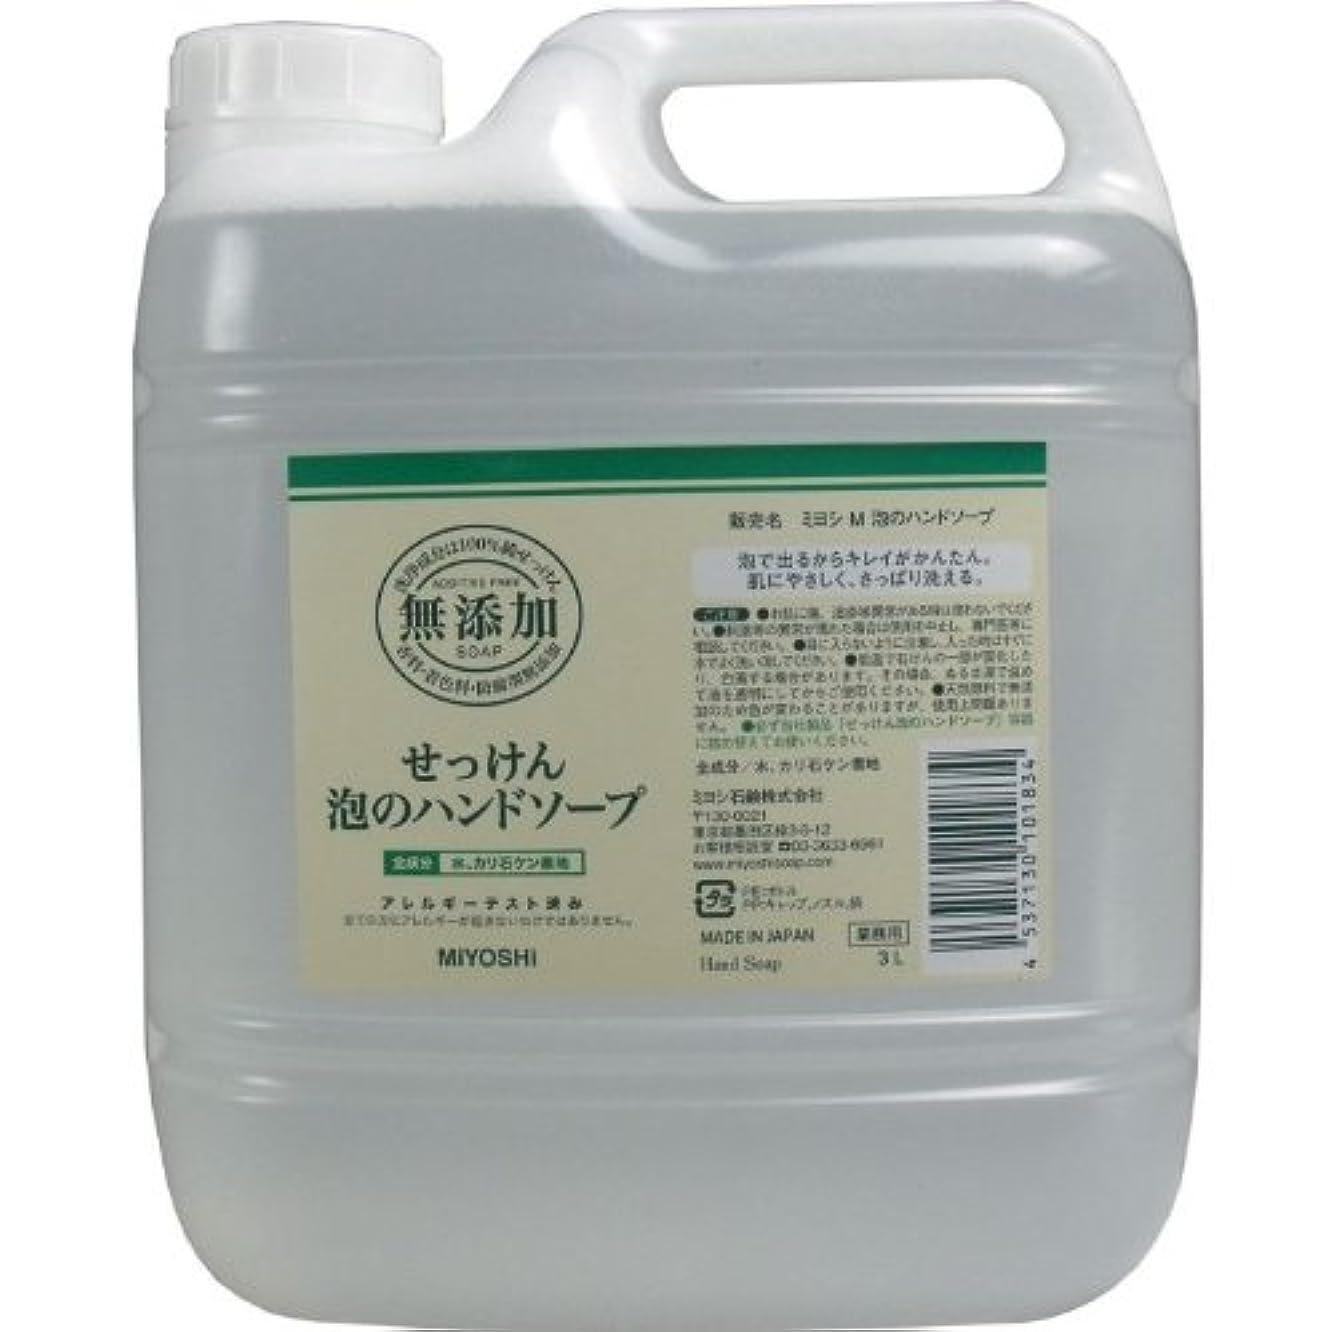 ふける円形おもしろい泡で出るからキレイが簡単!家事の間のサッと洗いも簡単!香料、着色料、防腐剤無添加!(業務用)3L【3個セット】